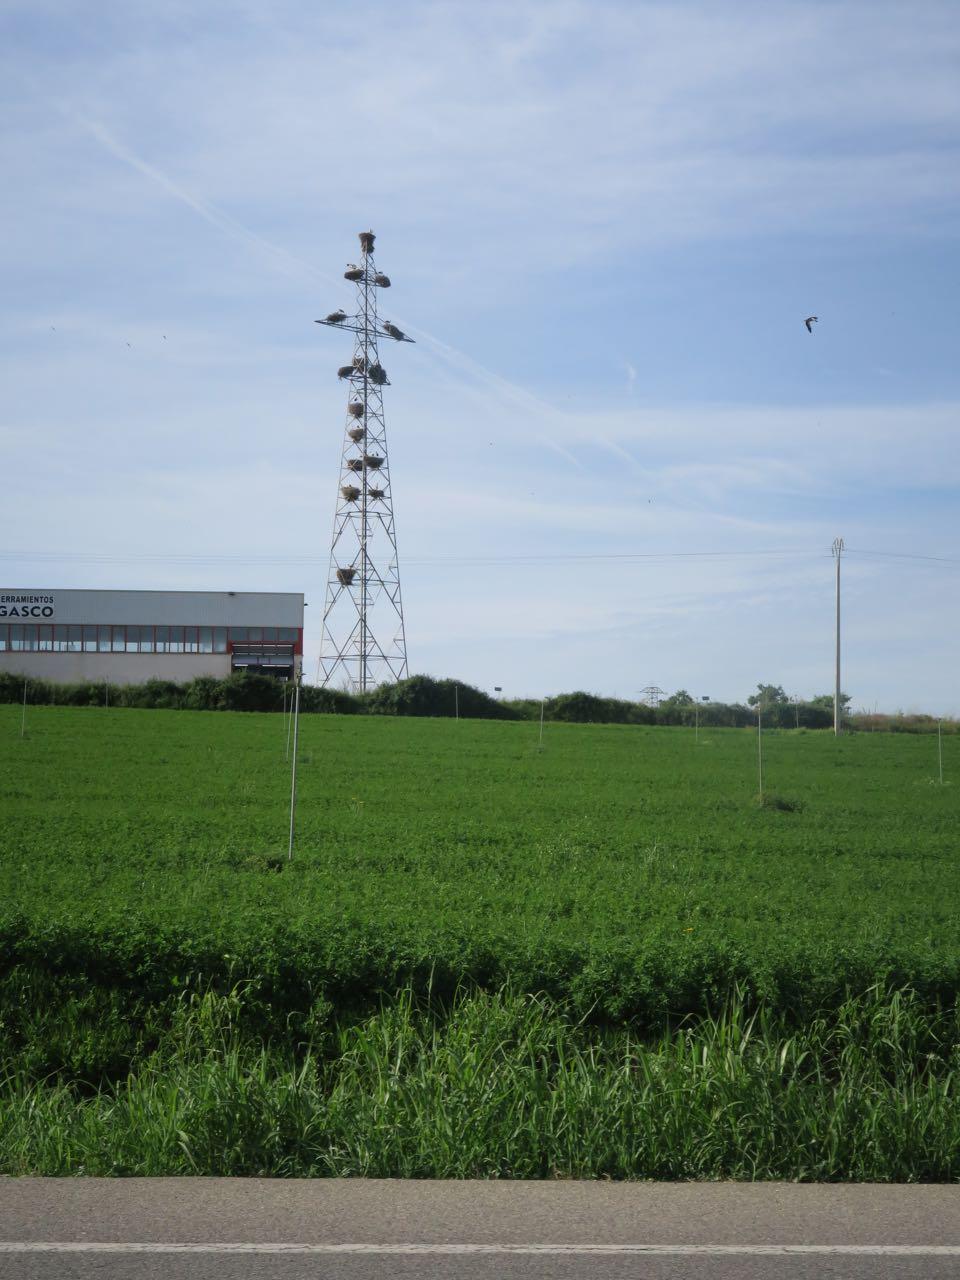 STORK-BLOKK: Aragons storker bor i kommunale bolig-tårn.